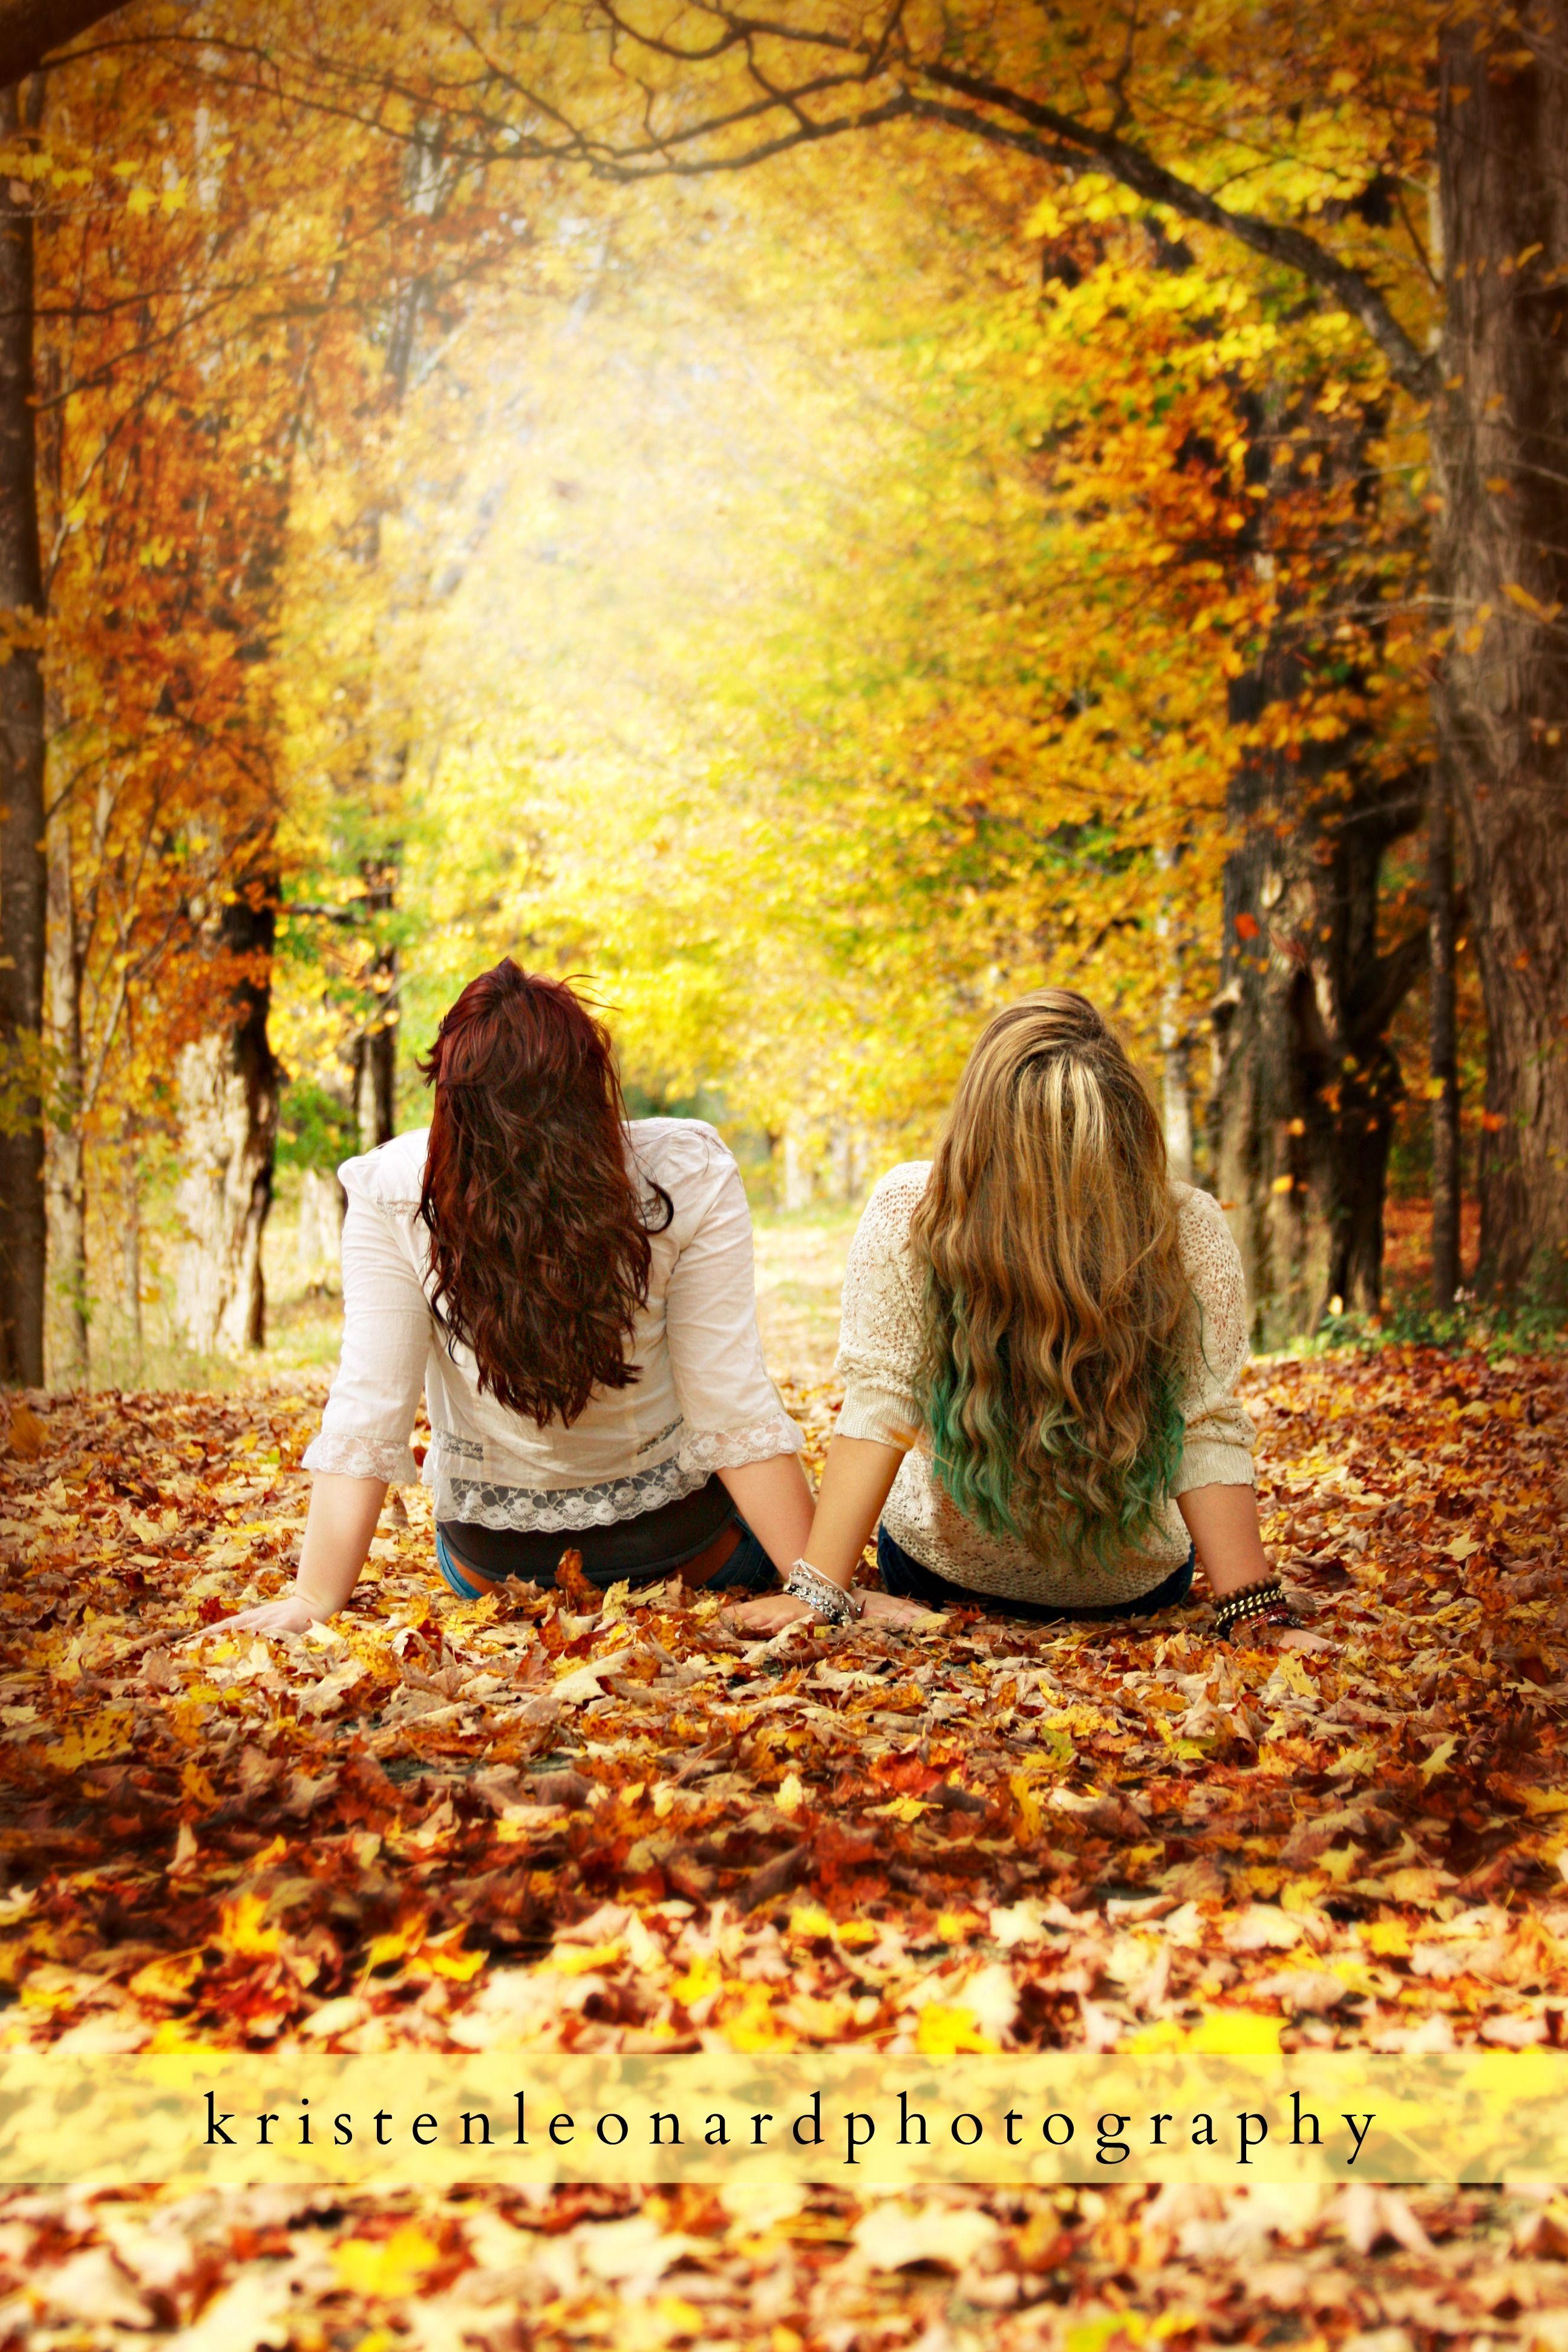 Картинки про осень лучшие